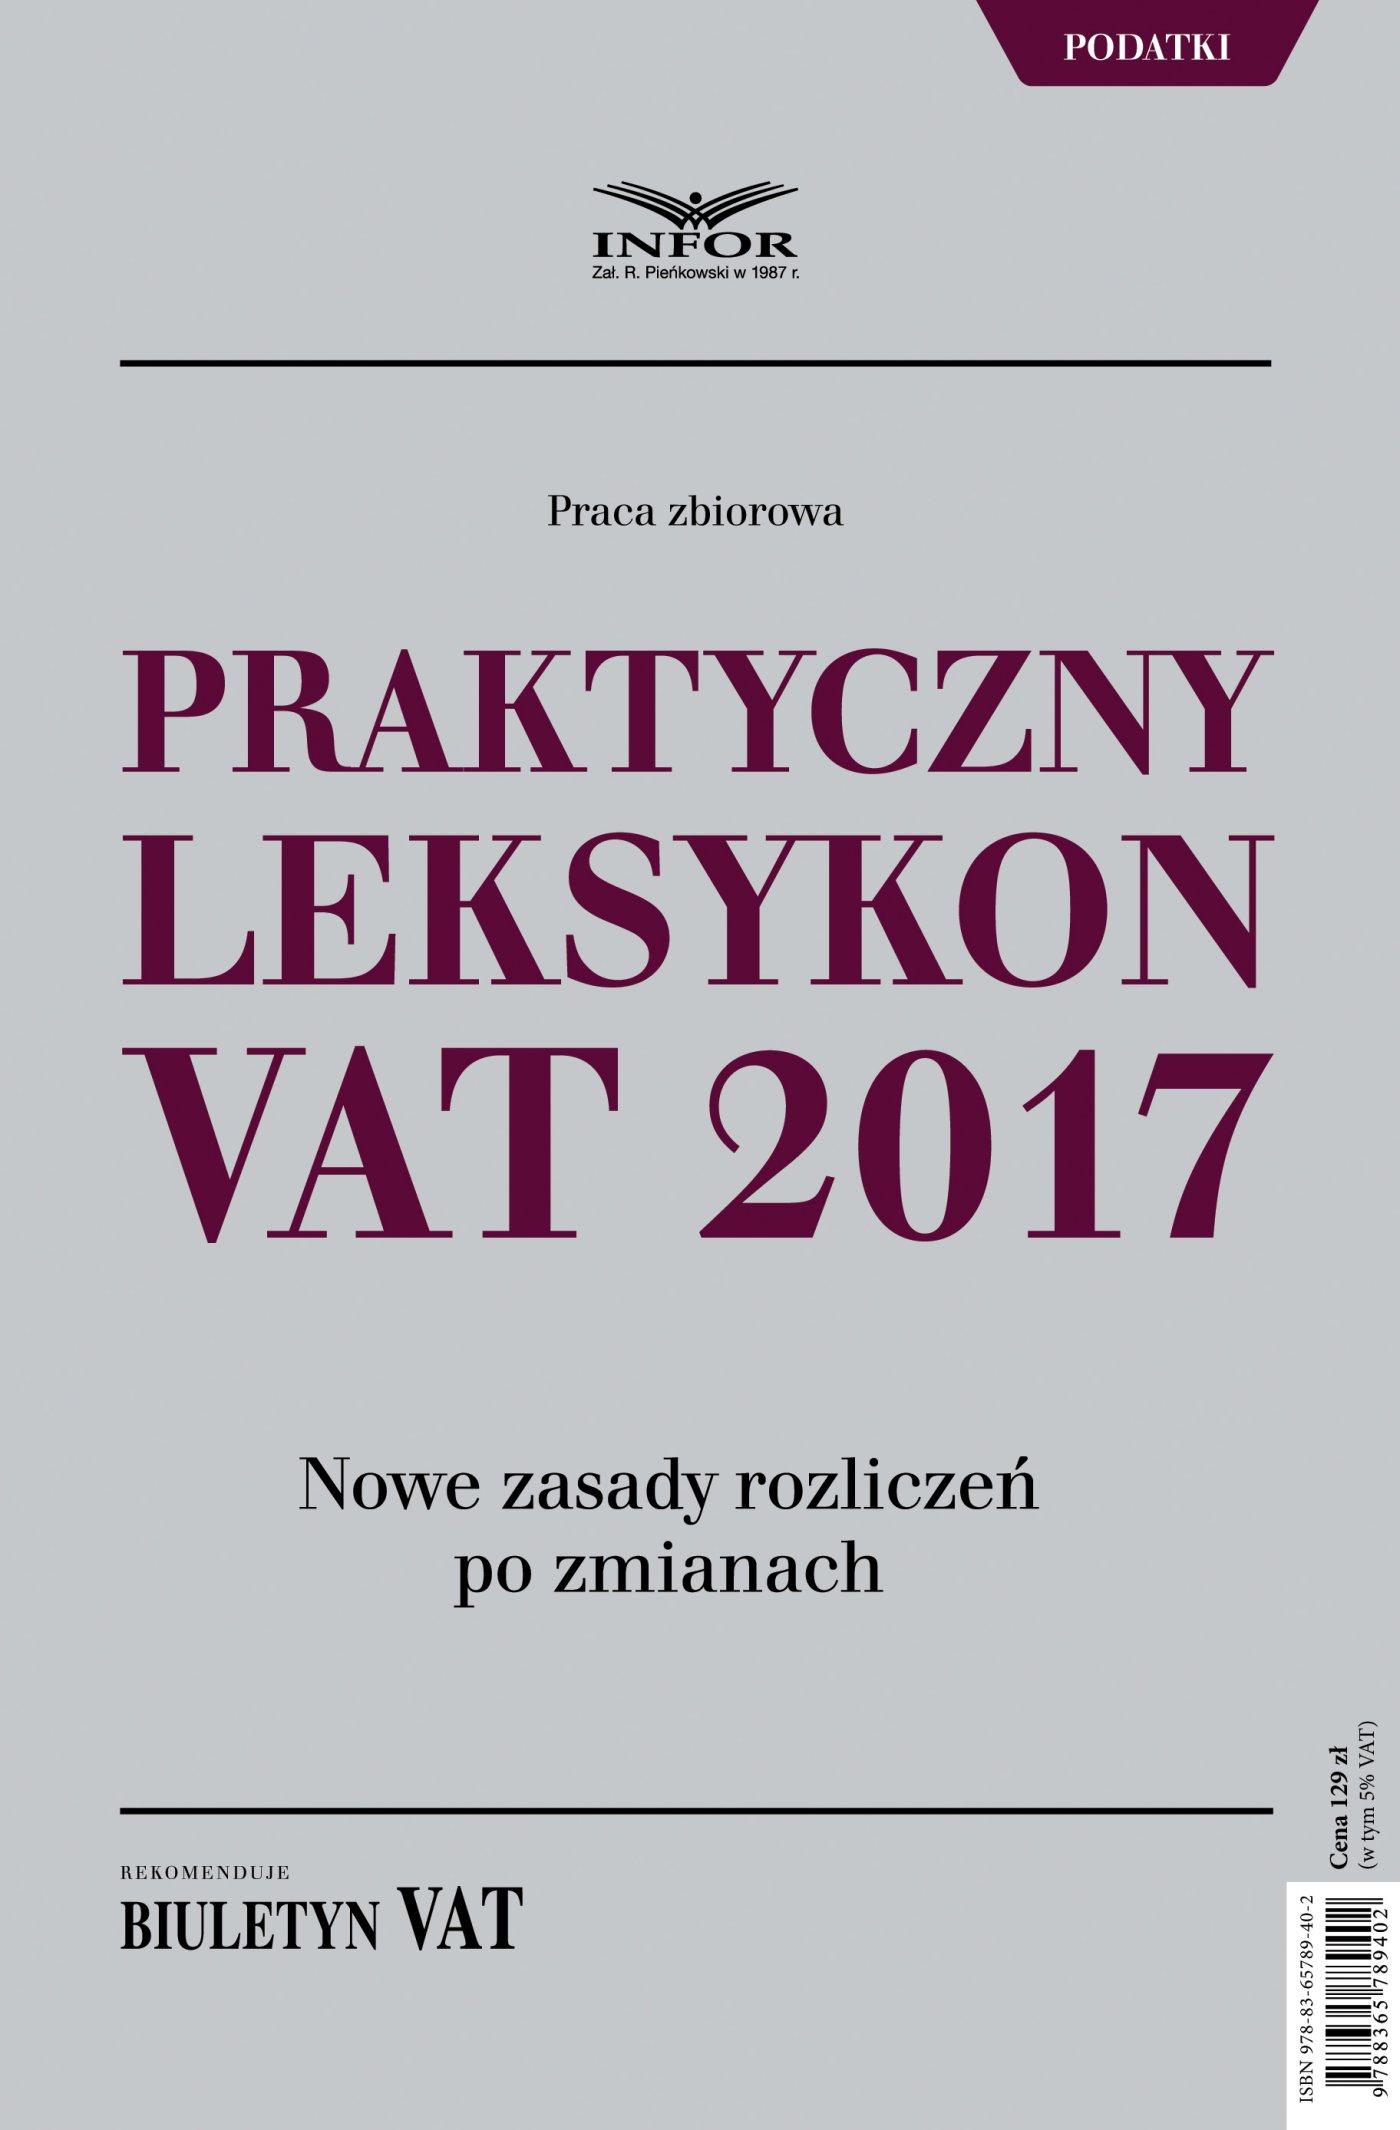 Praktyczny leksykon VAT 2017 - Ebook (Książka PDF) do pobrania w formacie PDF